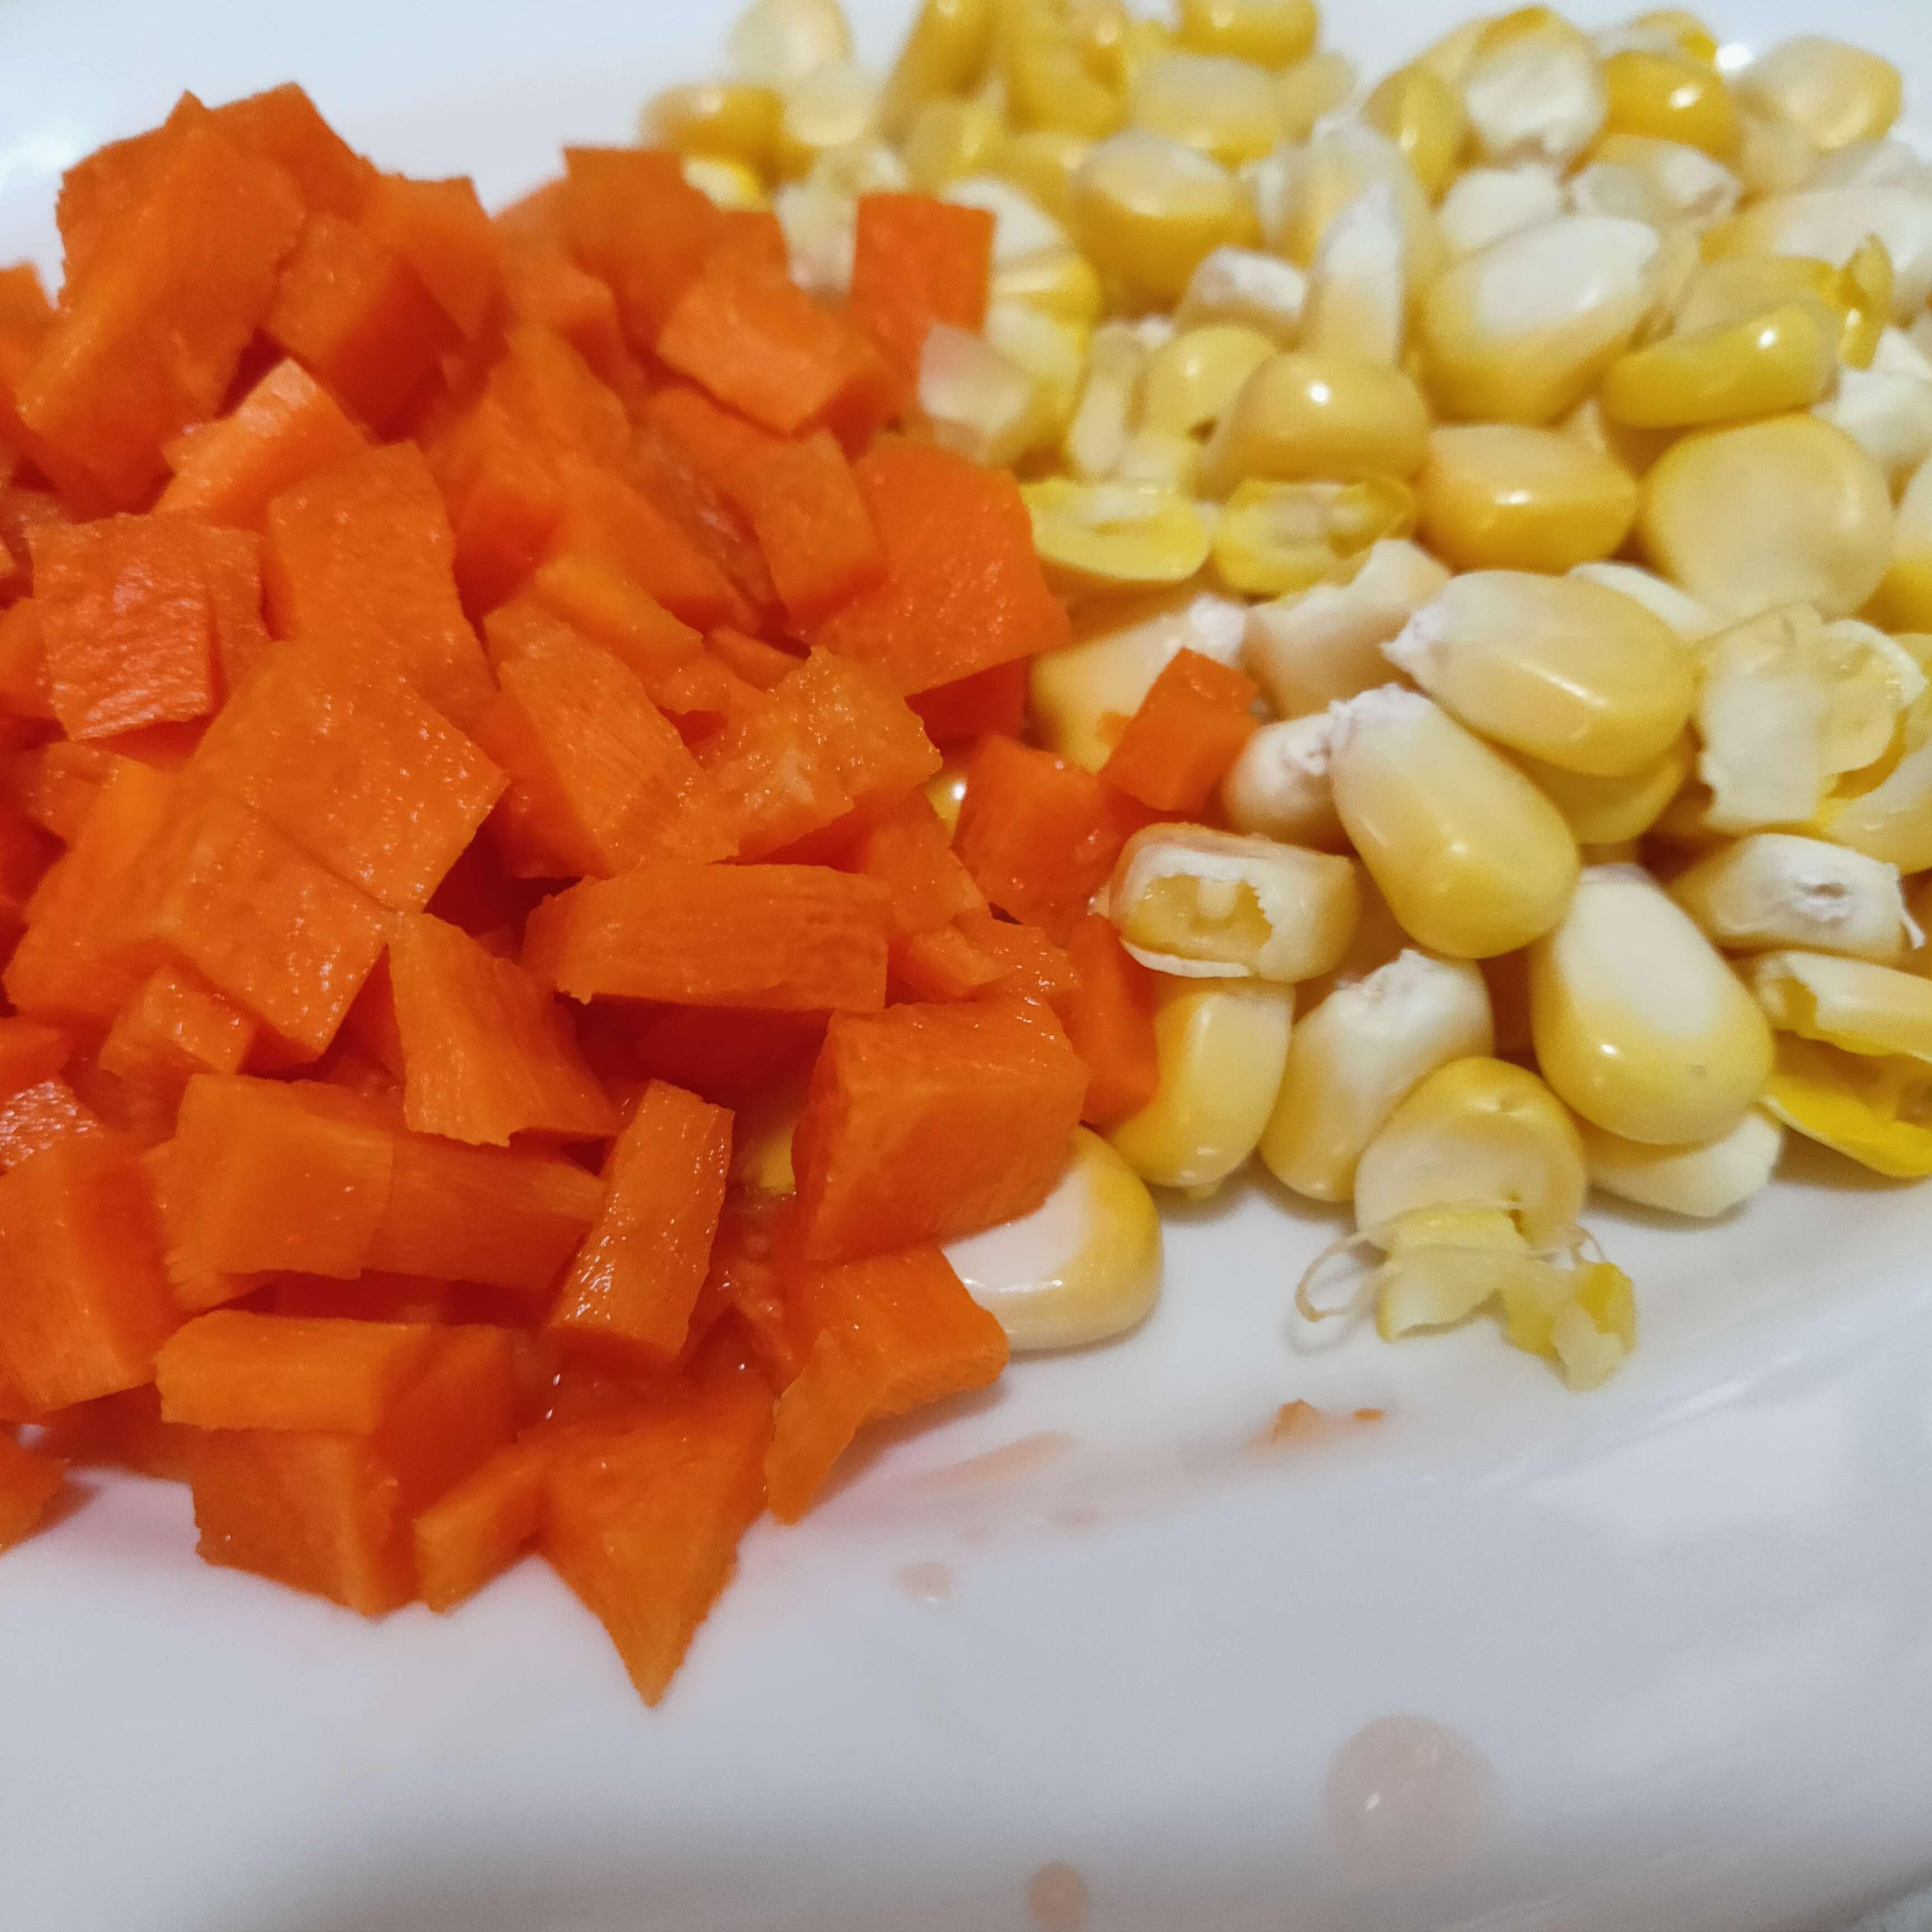 胡萝卜玉米粒的做法大全